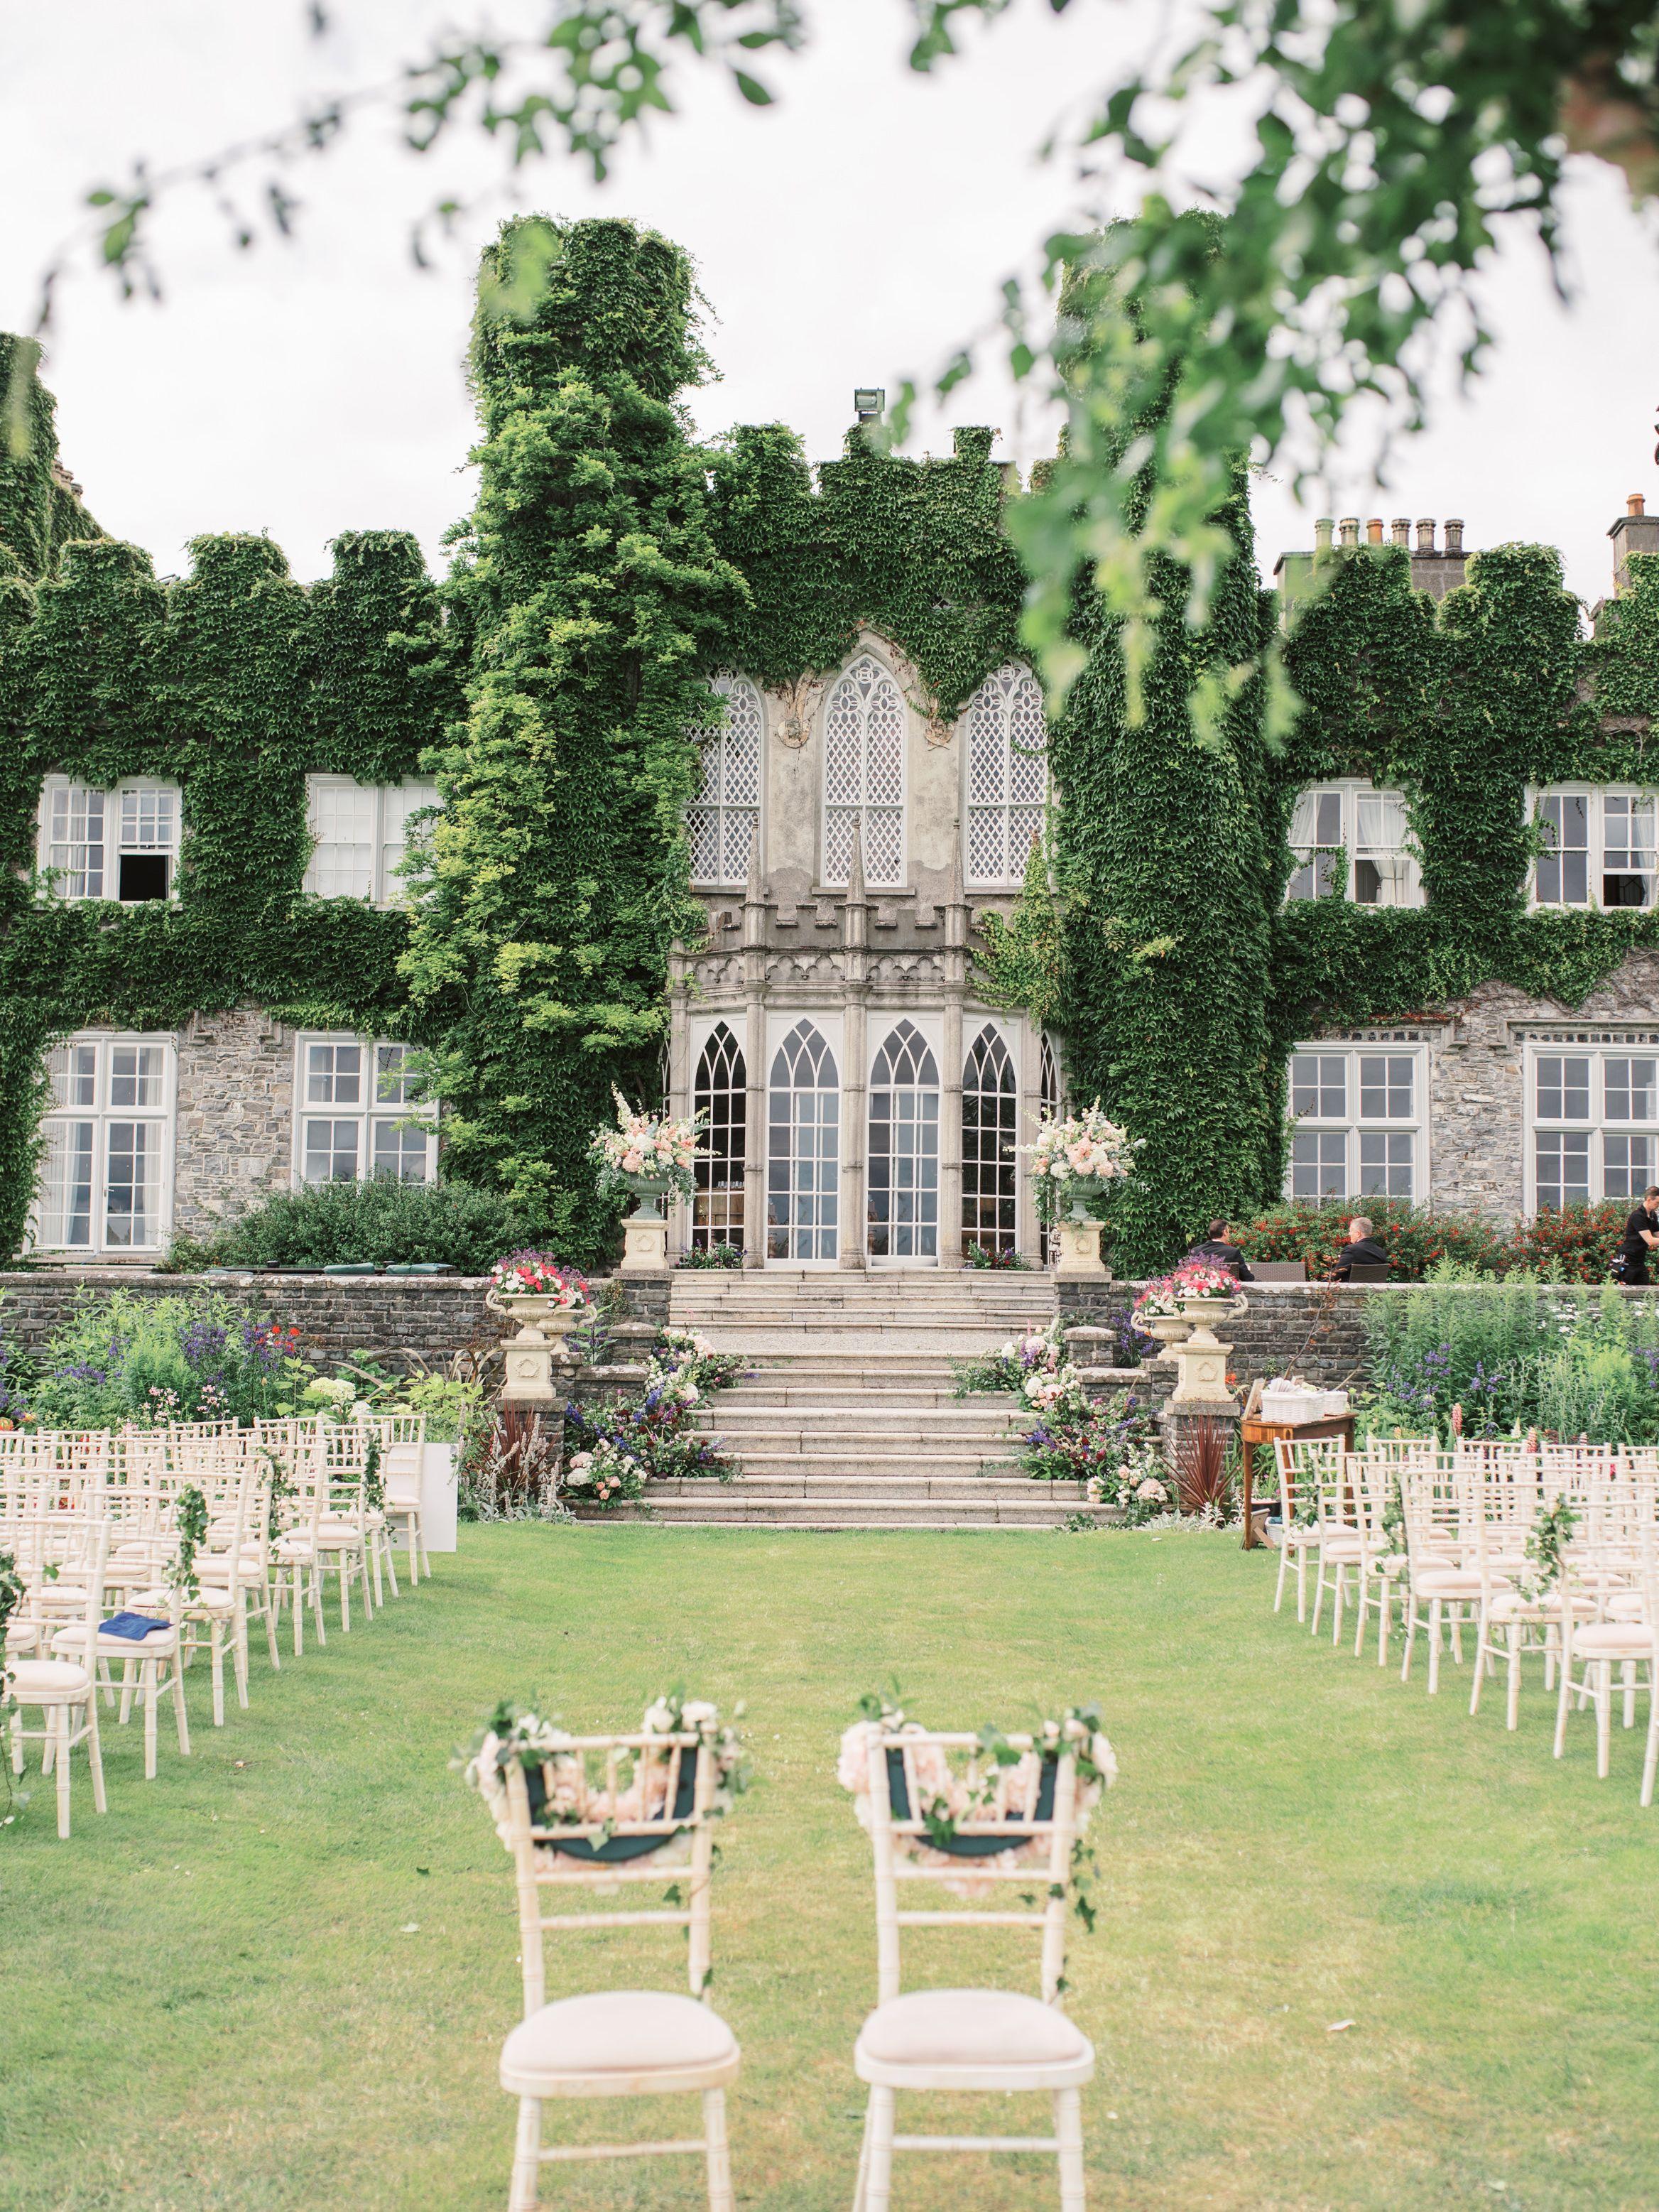 The beautiful Luttrelstown Castle wedding venue in Kildare ...